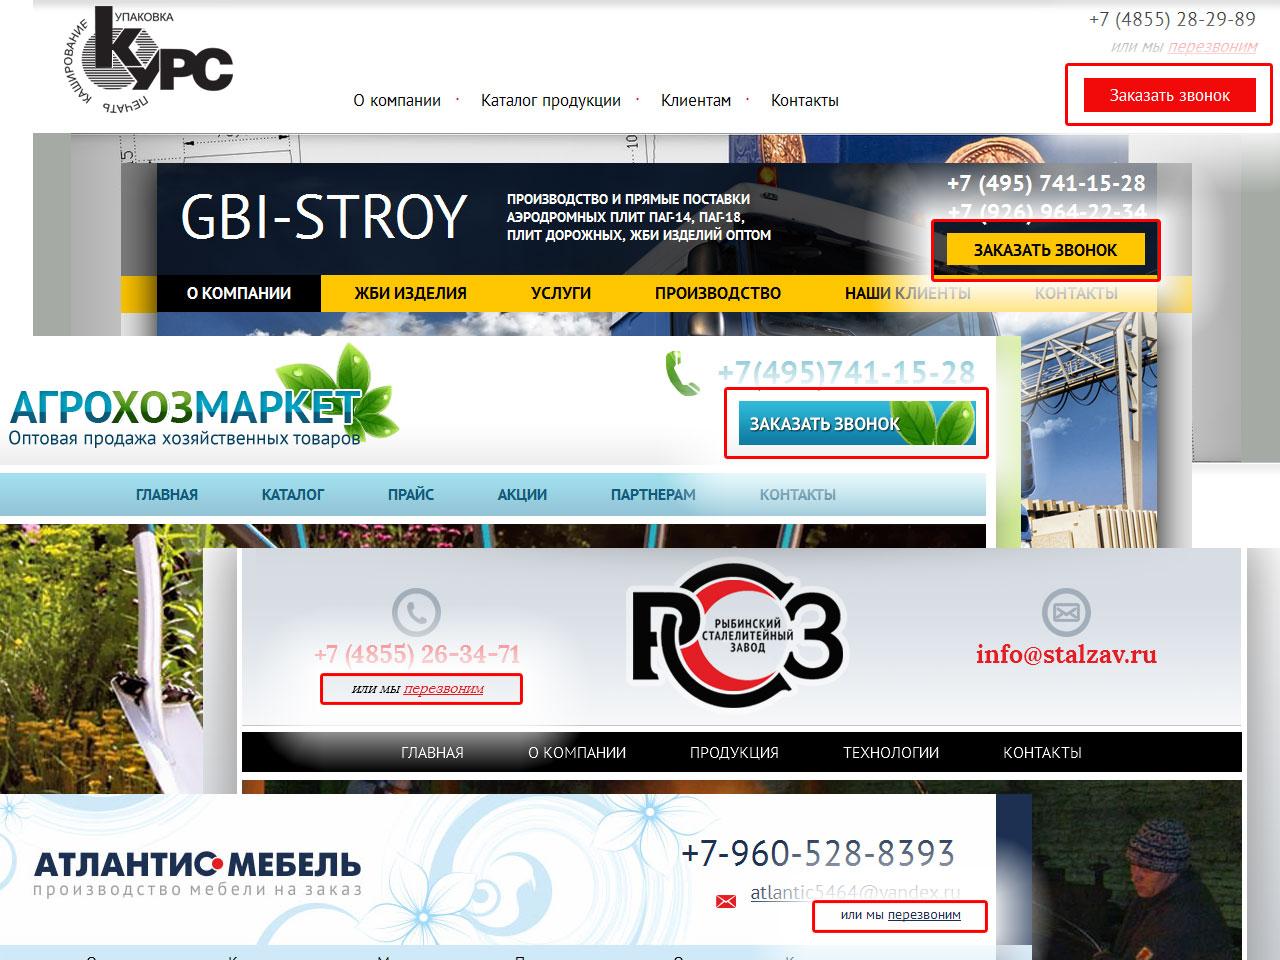 Заказать звонок, как необходимый элемент коммерческого сайта